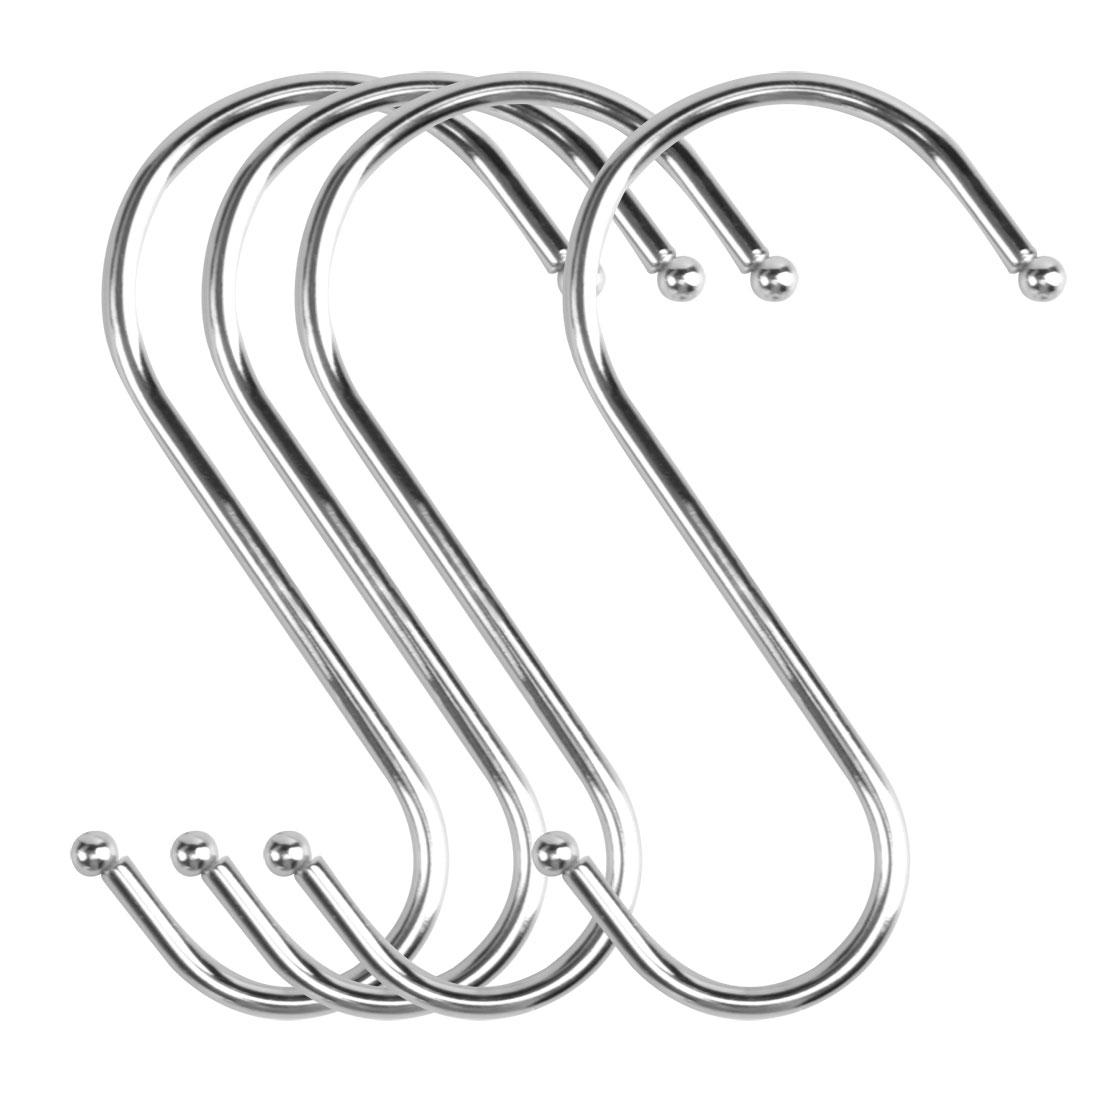 4pcs S Shaped Hook Stainless Steel for Kitchen Hat Utensil Pot Holder